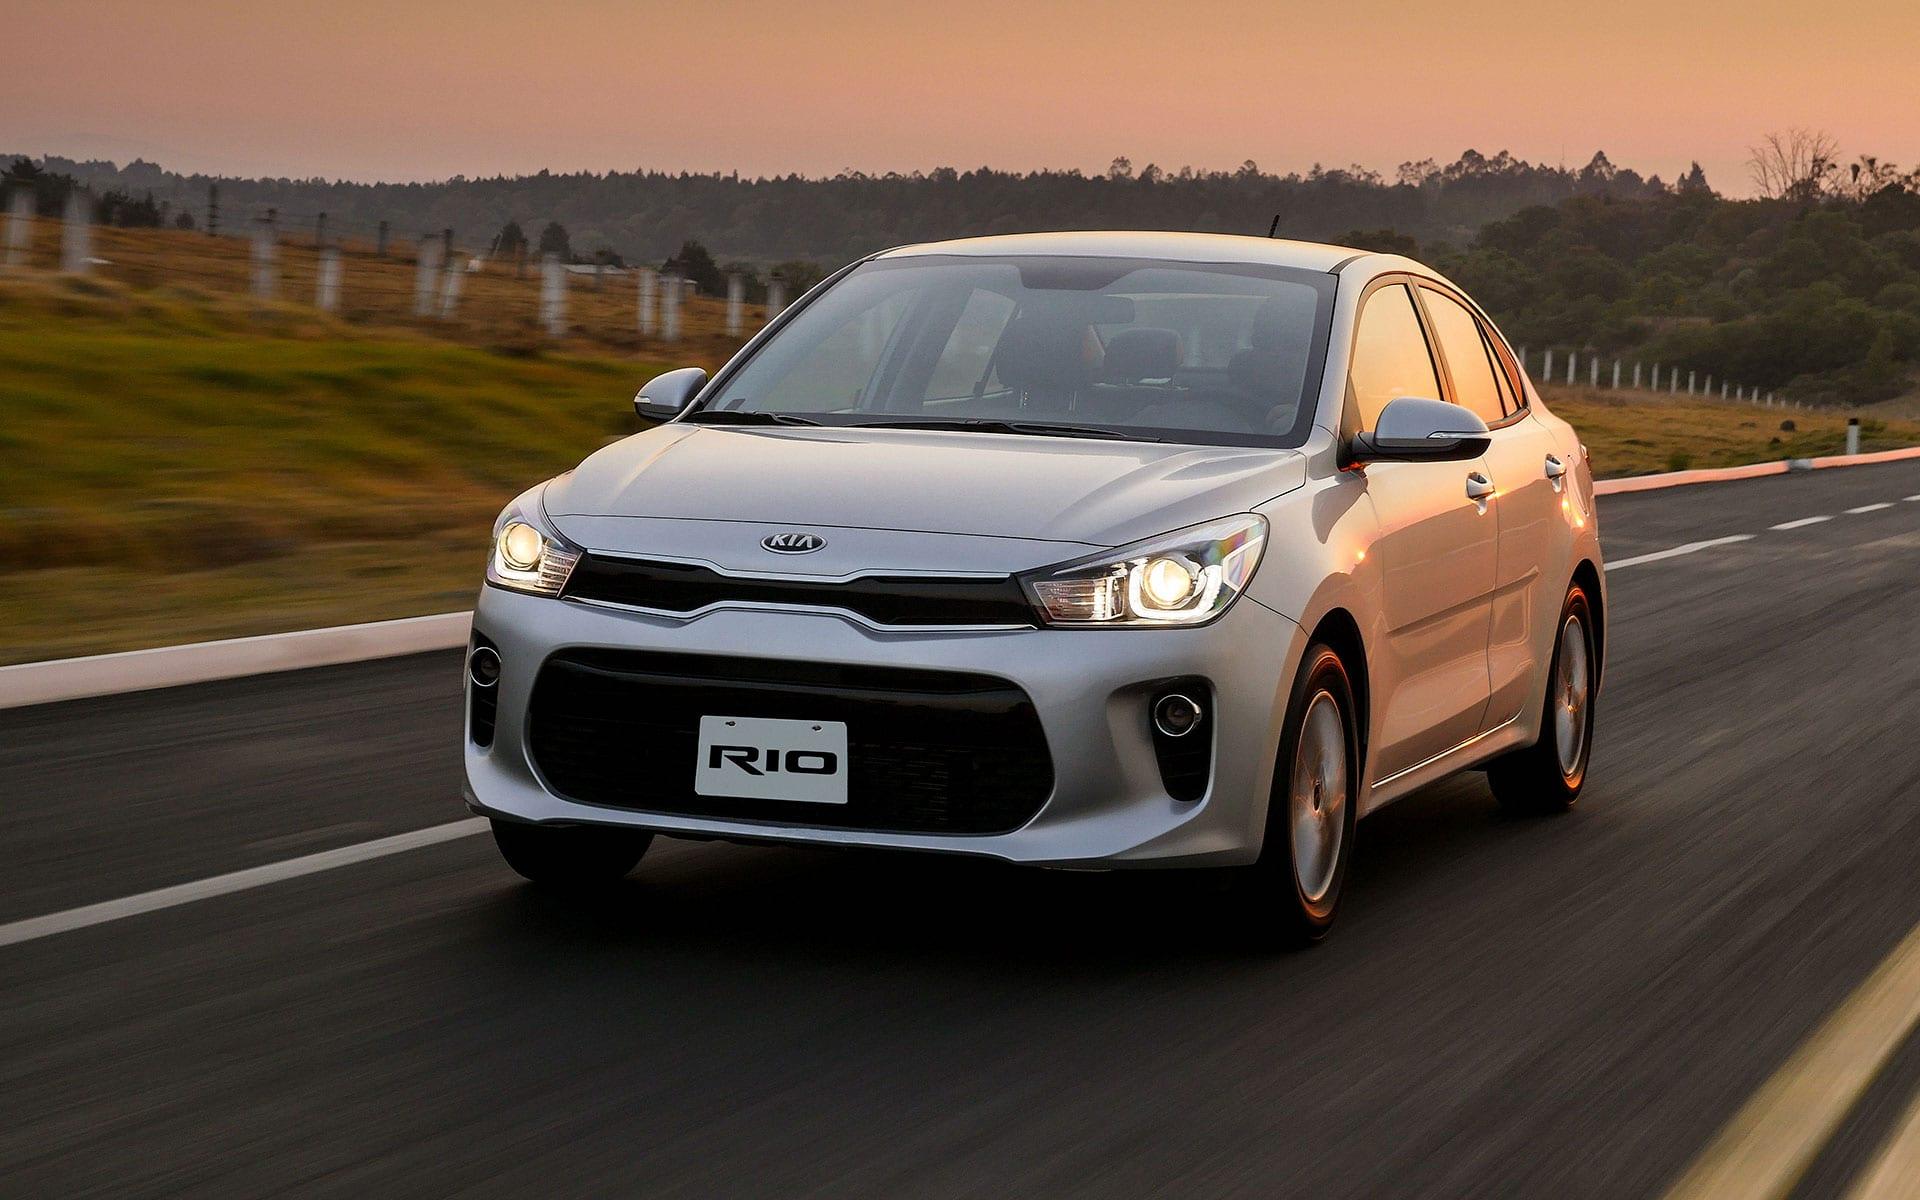 El Kia Rio Sedan (más básico) obtiene 0 estrellas en pruebas de choque